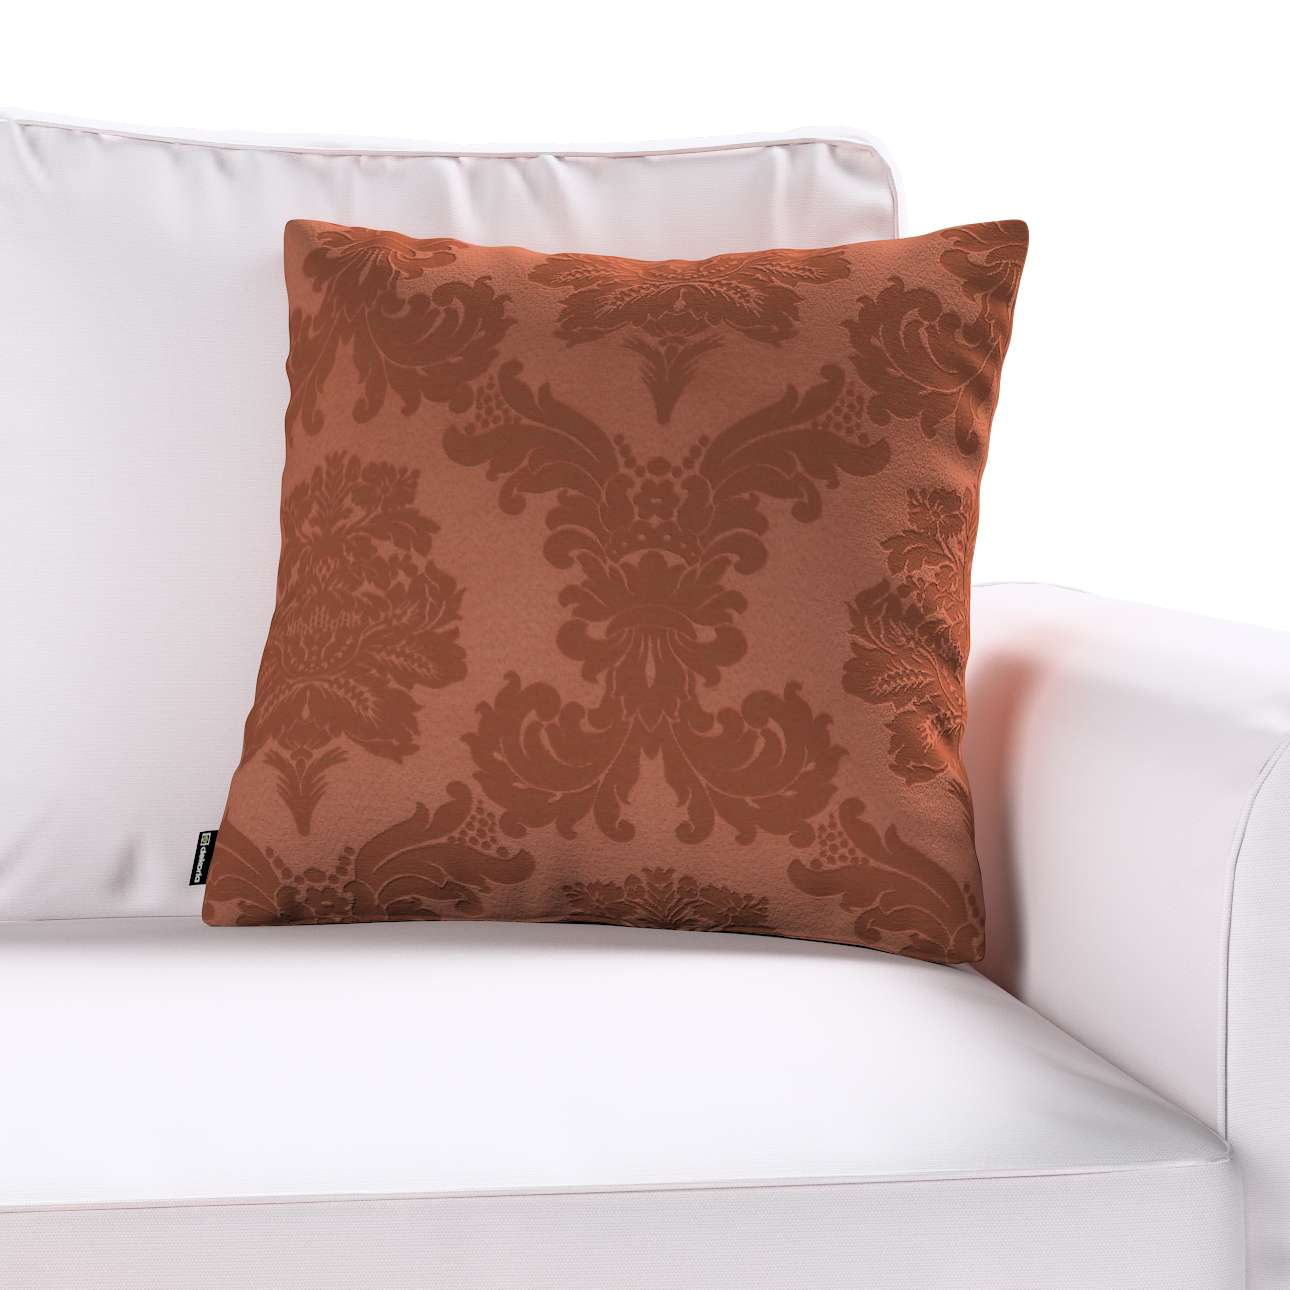 Kinga dekoratyvinės pagalvėlės užvalkalas 43 × 43 cm kolekcijoje Damasco, audinys: 613-88